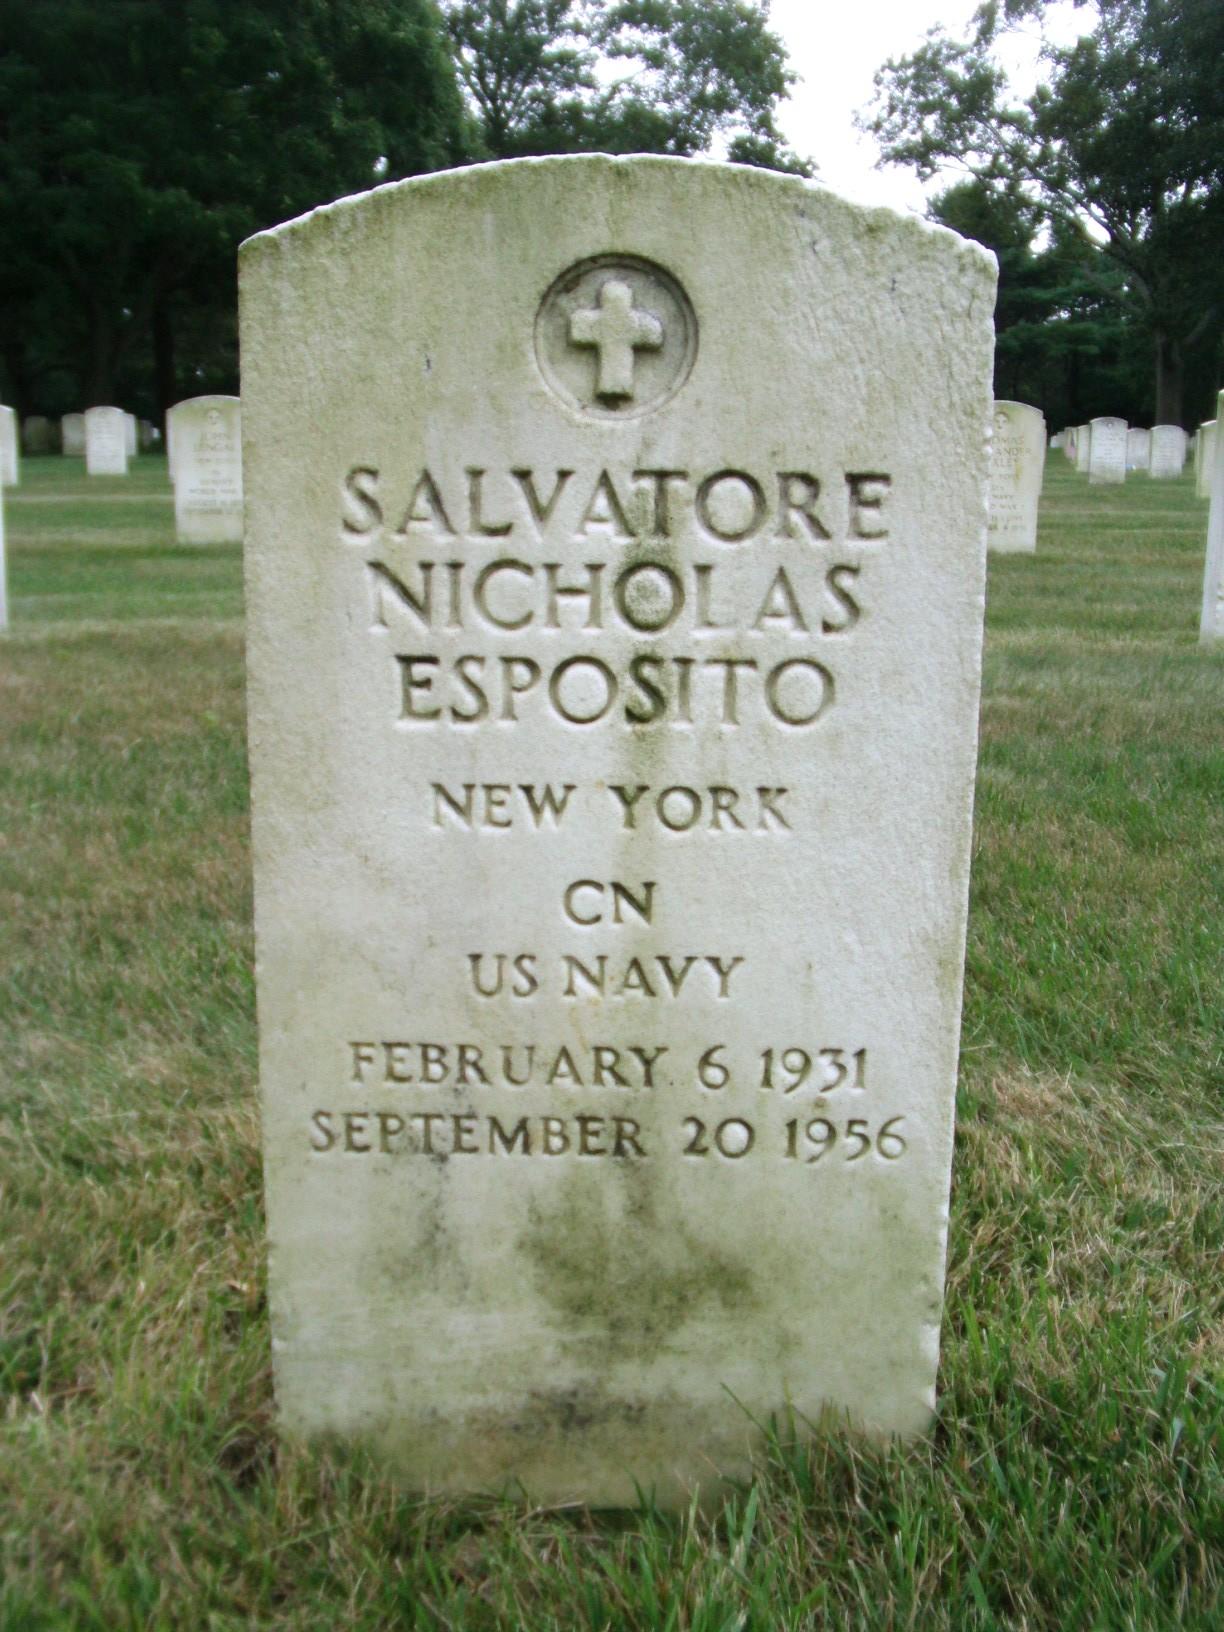 Salvatore Nicholas Esposito